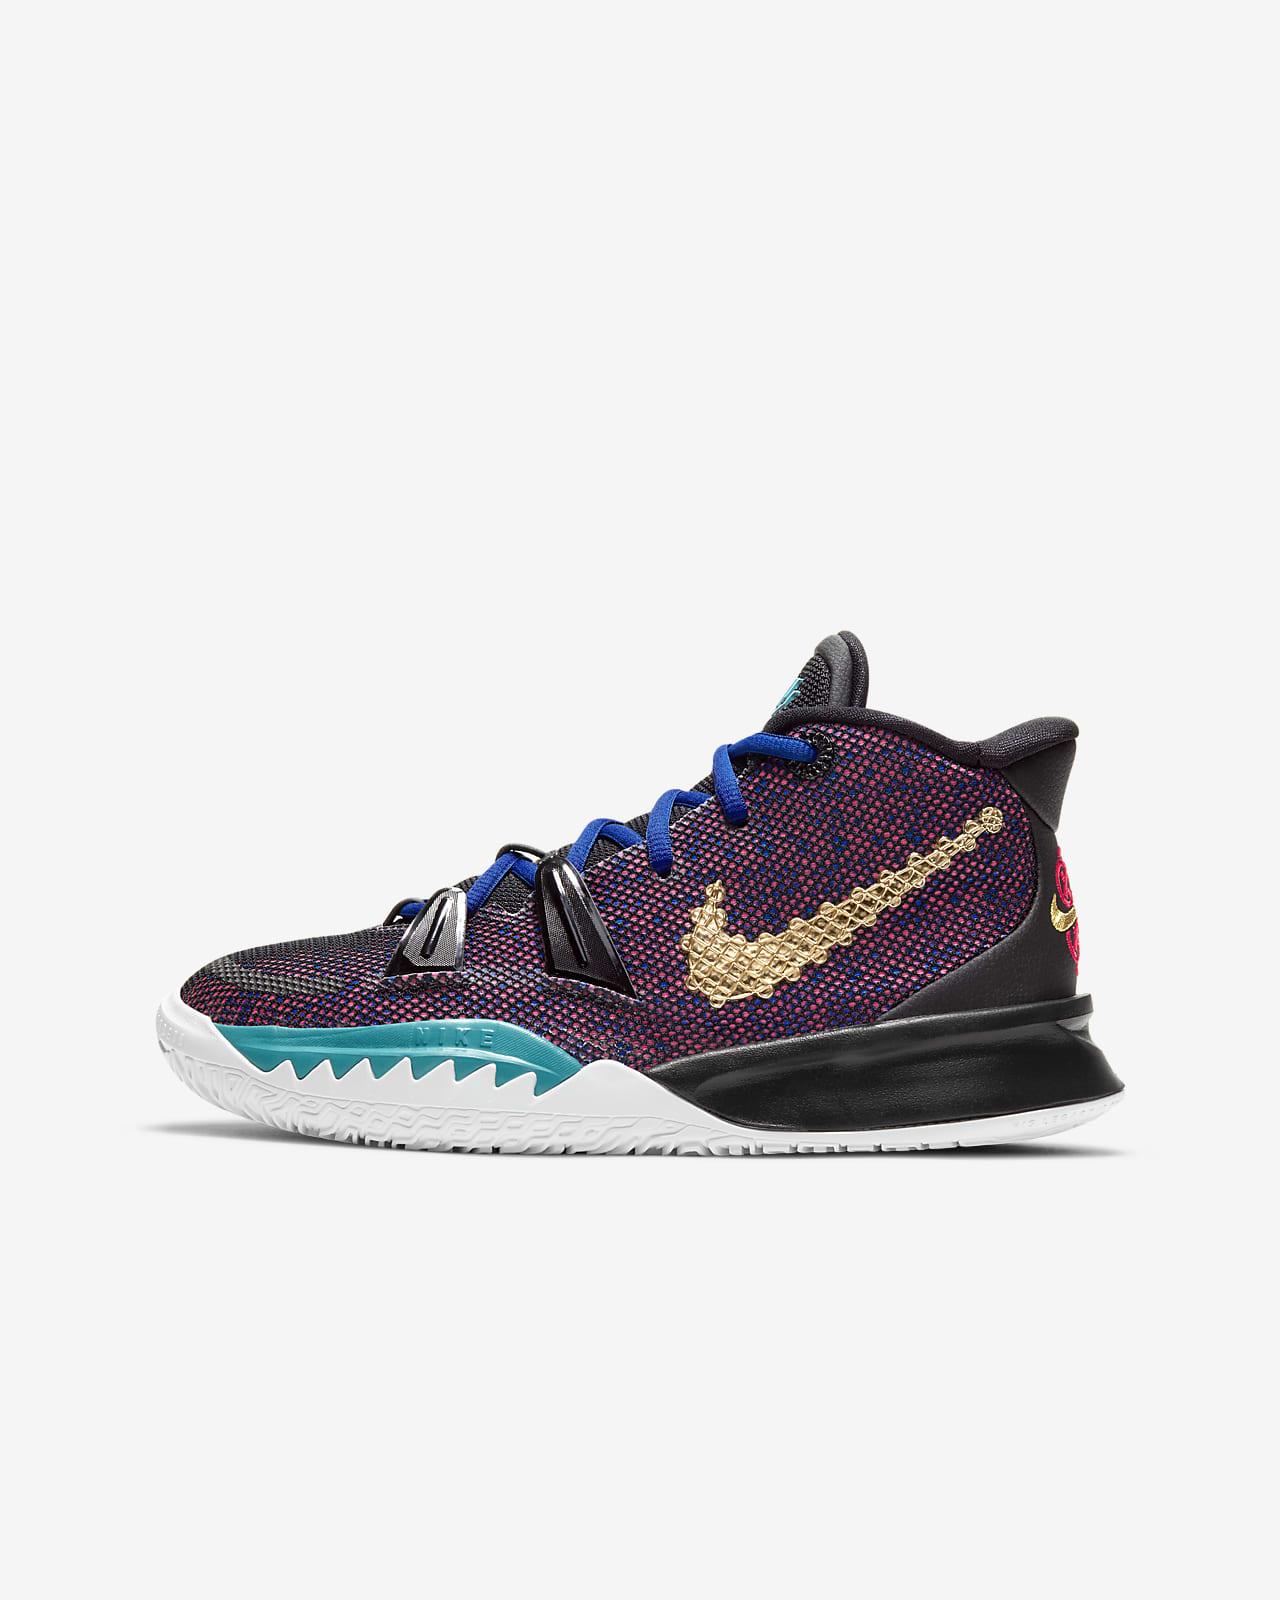 Kyrie 7 CNY Big Kids' Basketball Shoe